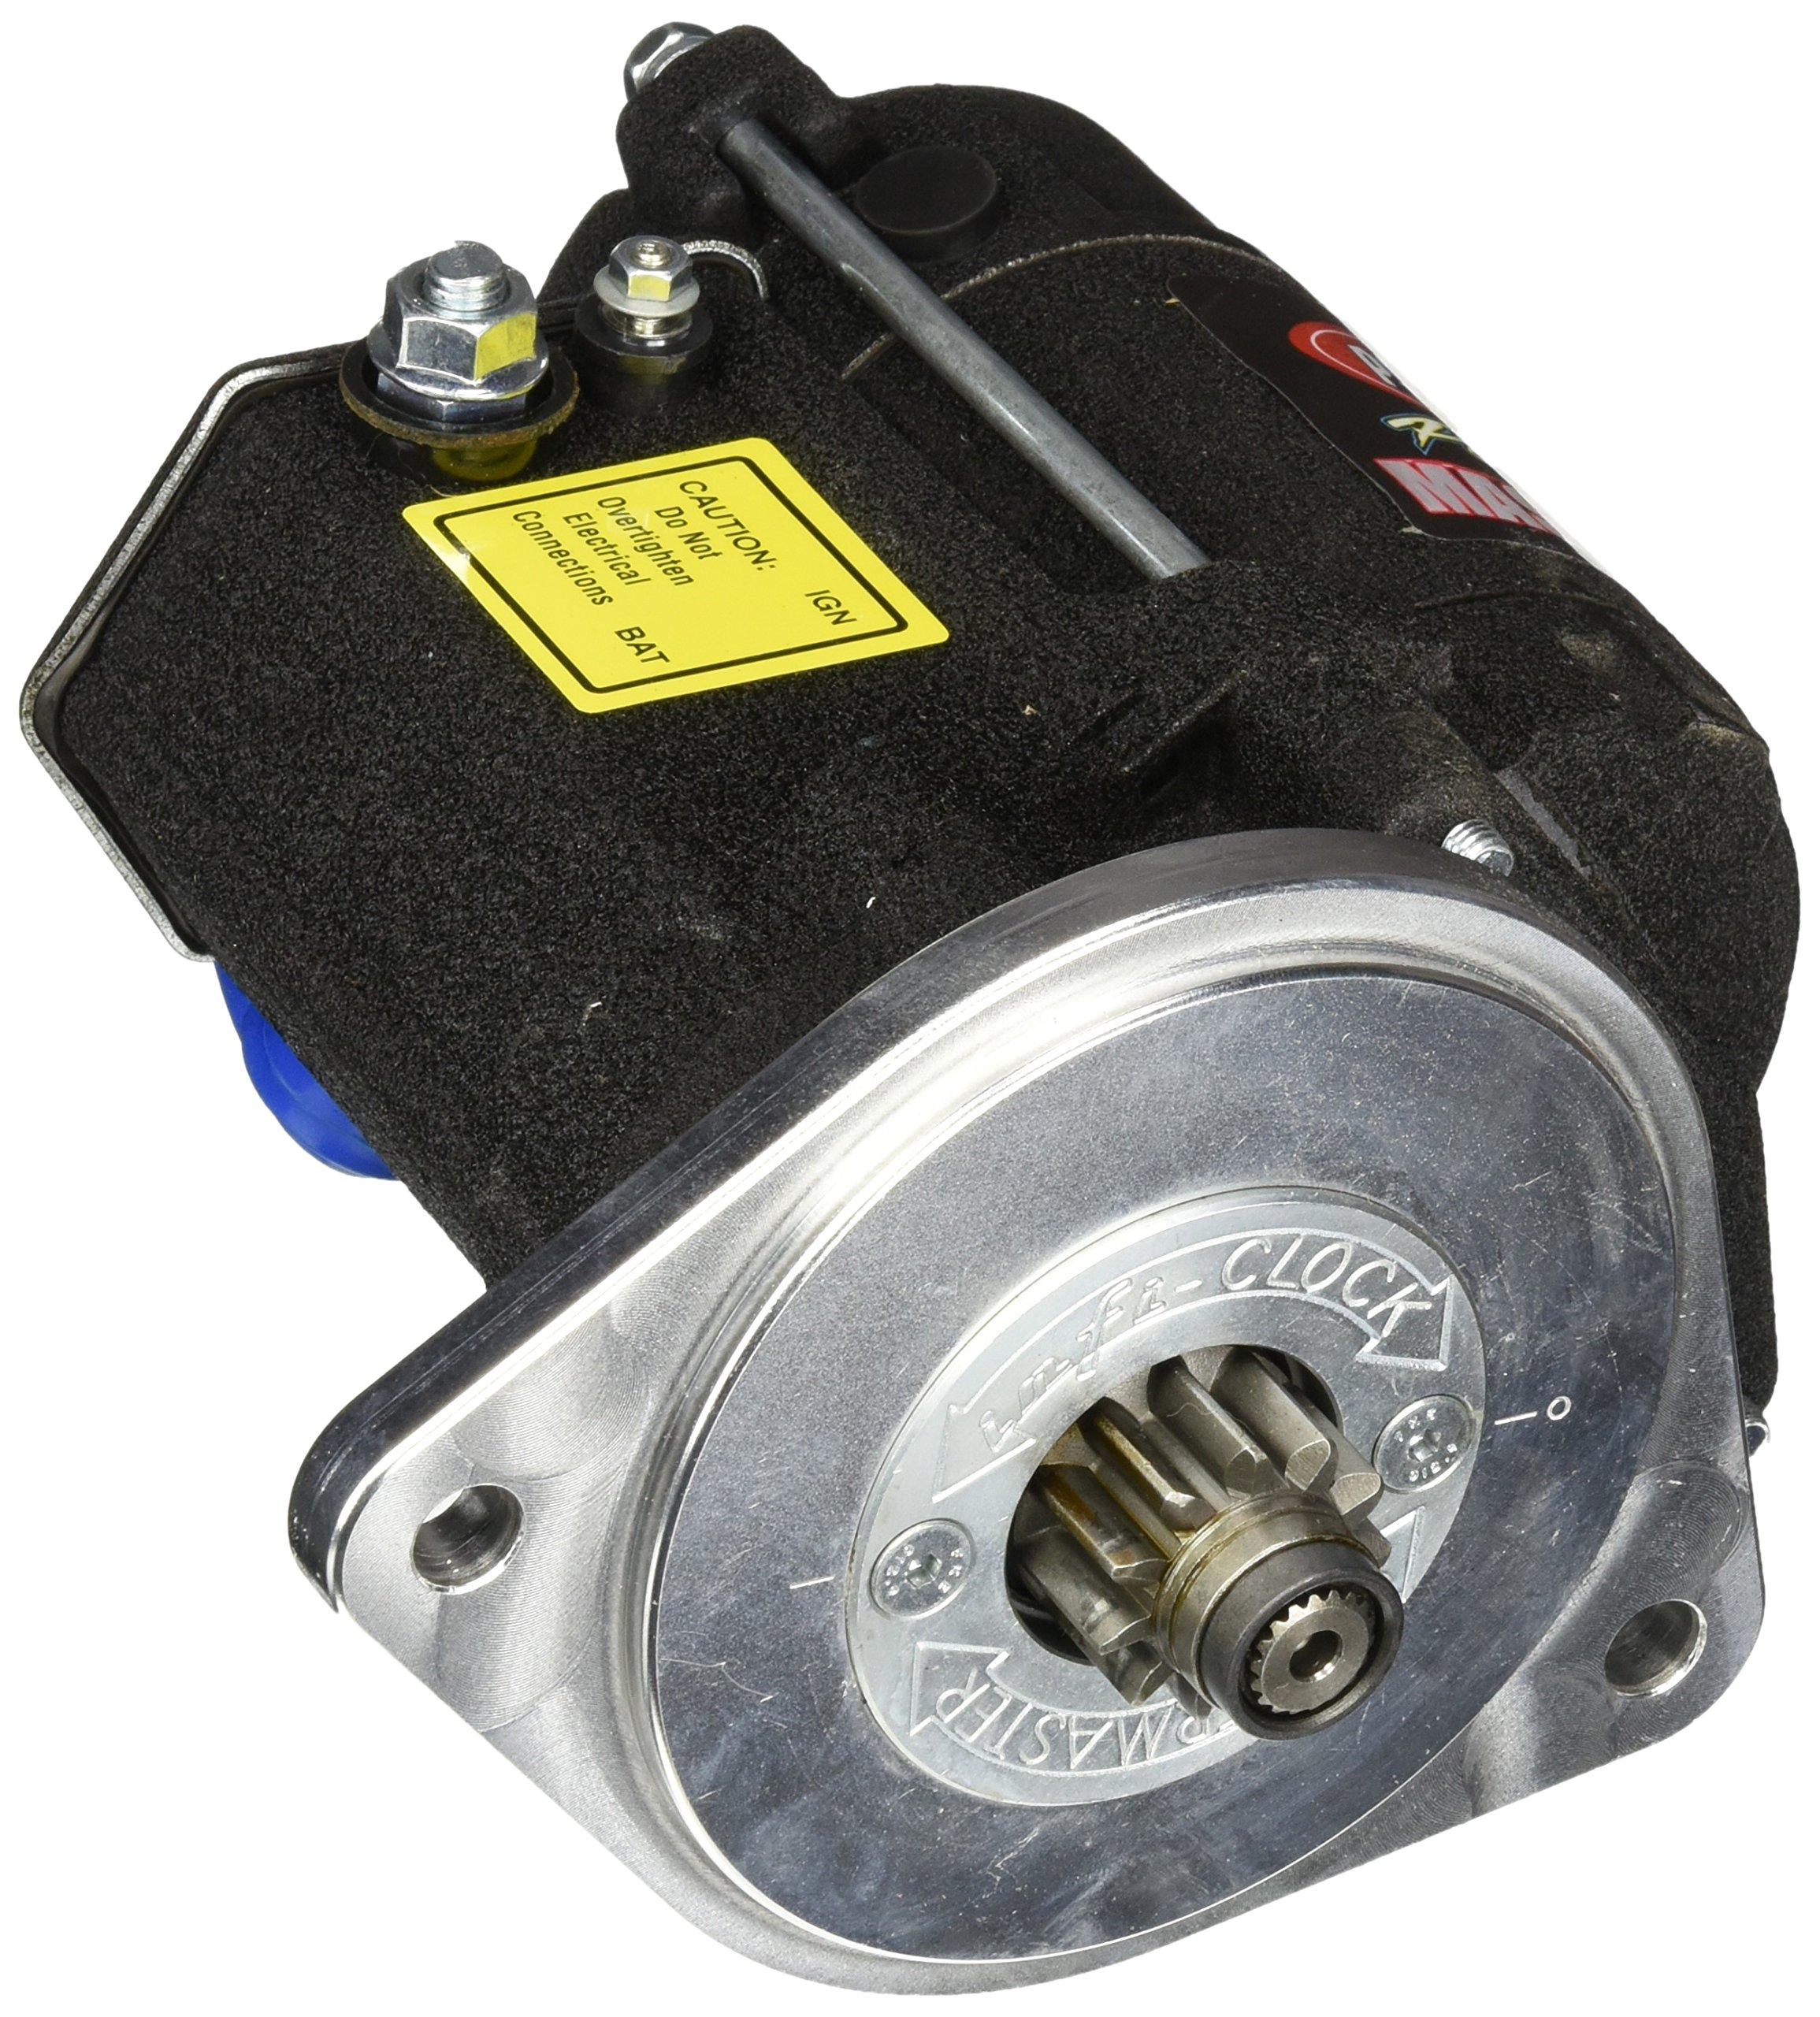 Powermaster 9603 Str Master Infi-Clock Ford [SB] V8 All A/T w/157T/164T, M/T 157T Flyw 3/4'' Depth 14:1 Black Wrinkle by Powermaster